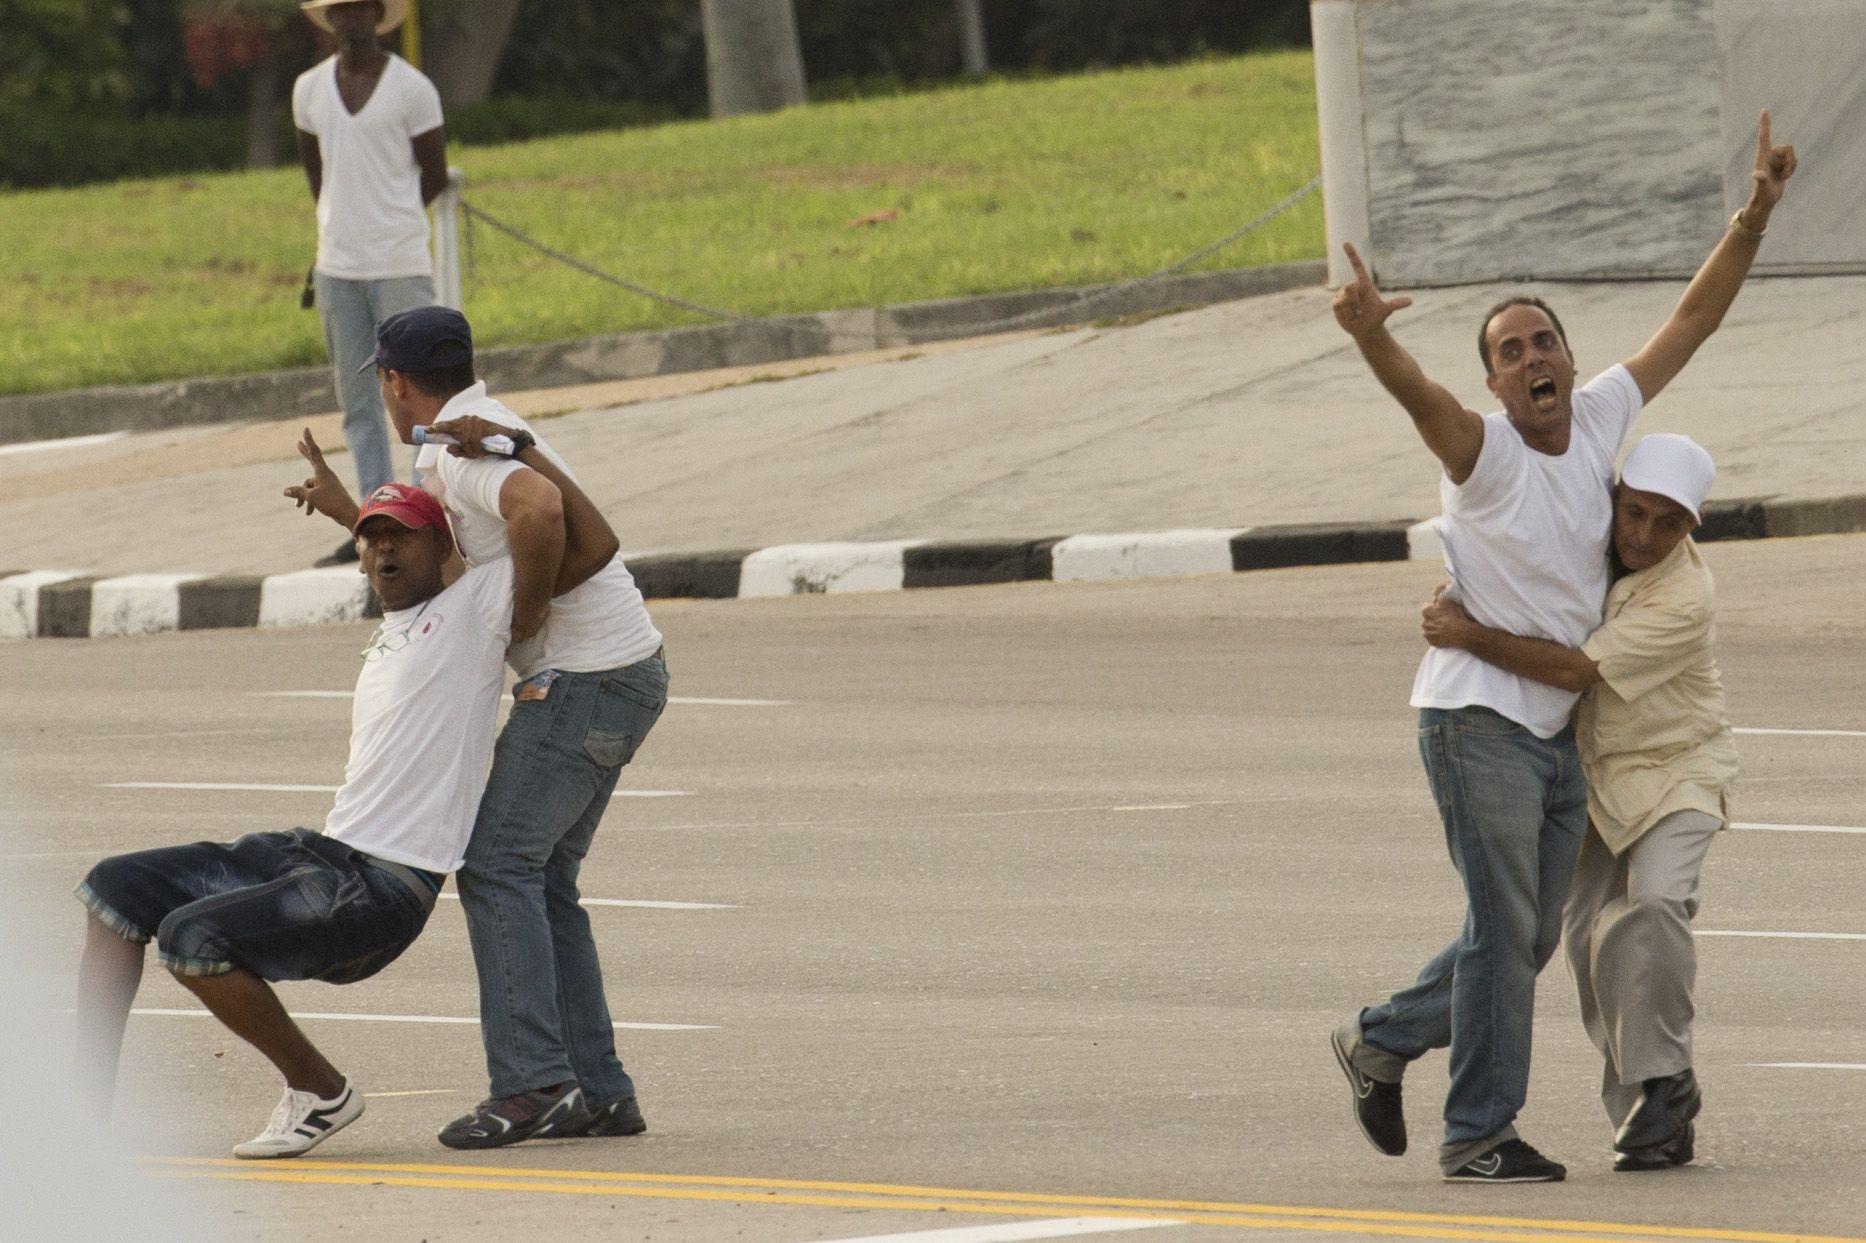 Cuba detuvo al menos 250 opositores durante la visita del papa Francisco